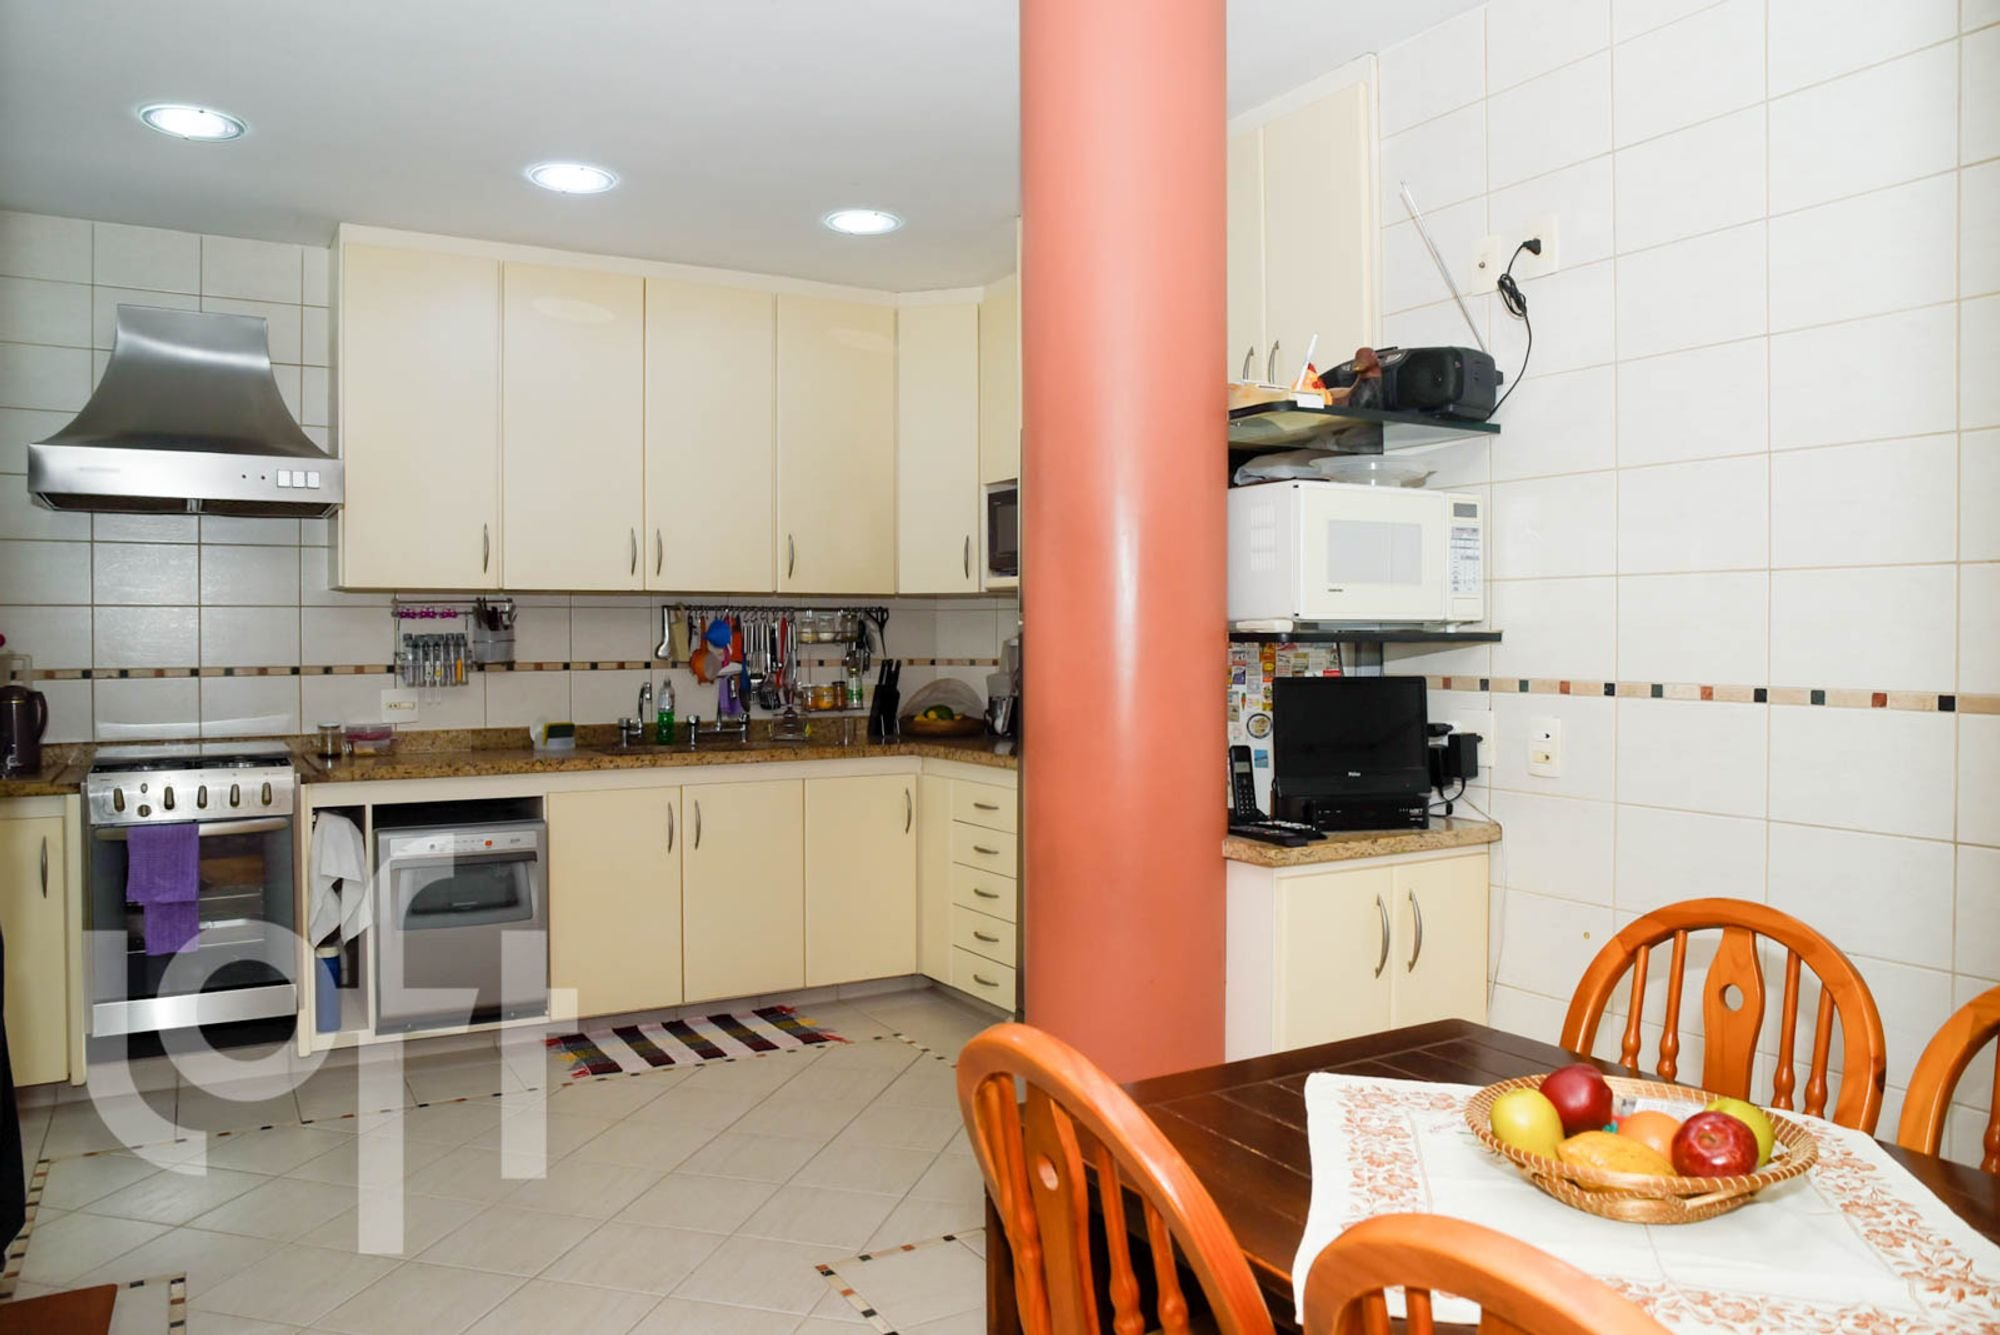 Foto de Cozinha com maçã, forno, tigela, cadeira, microondas, mesa de jantar